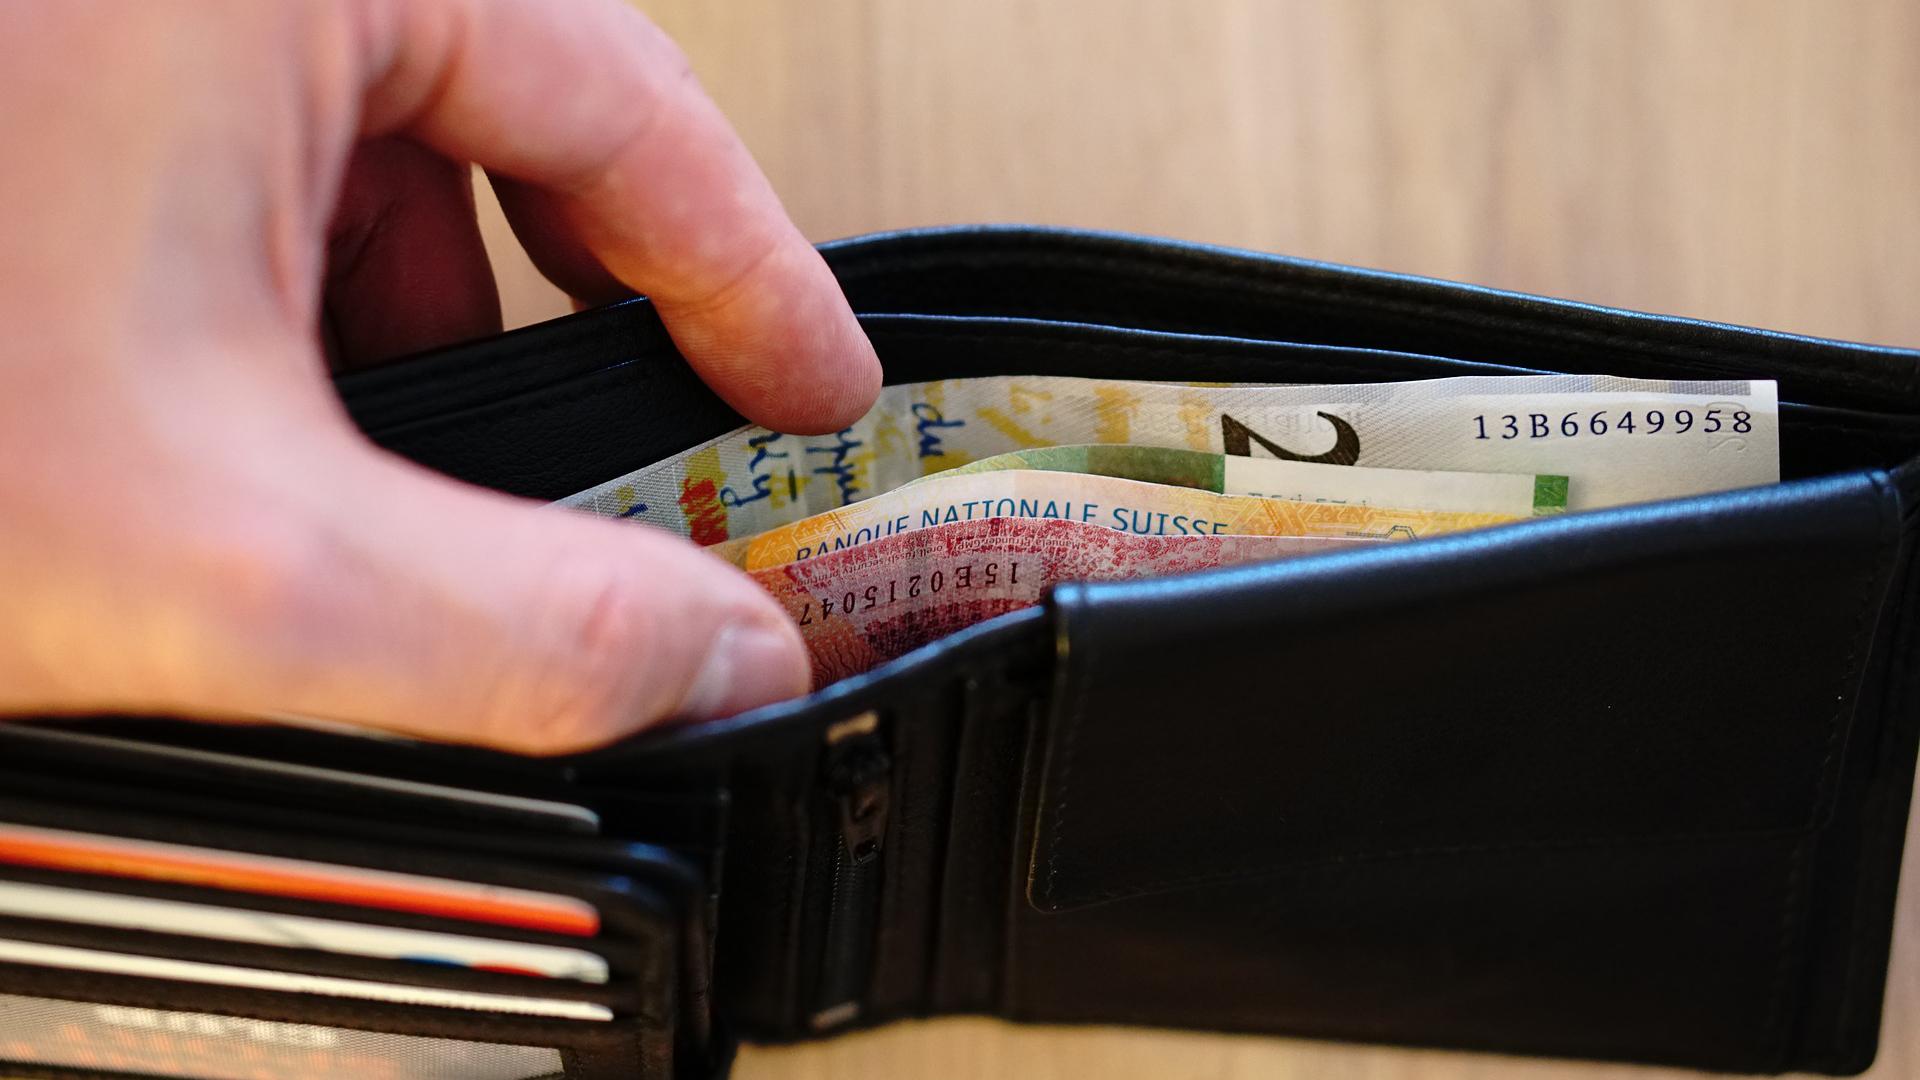 Taschendieb klaut Geldbörse